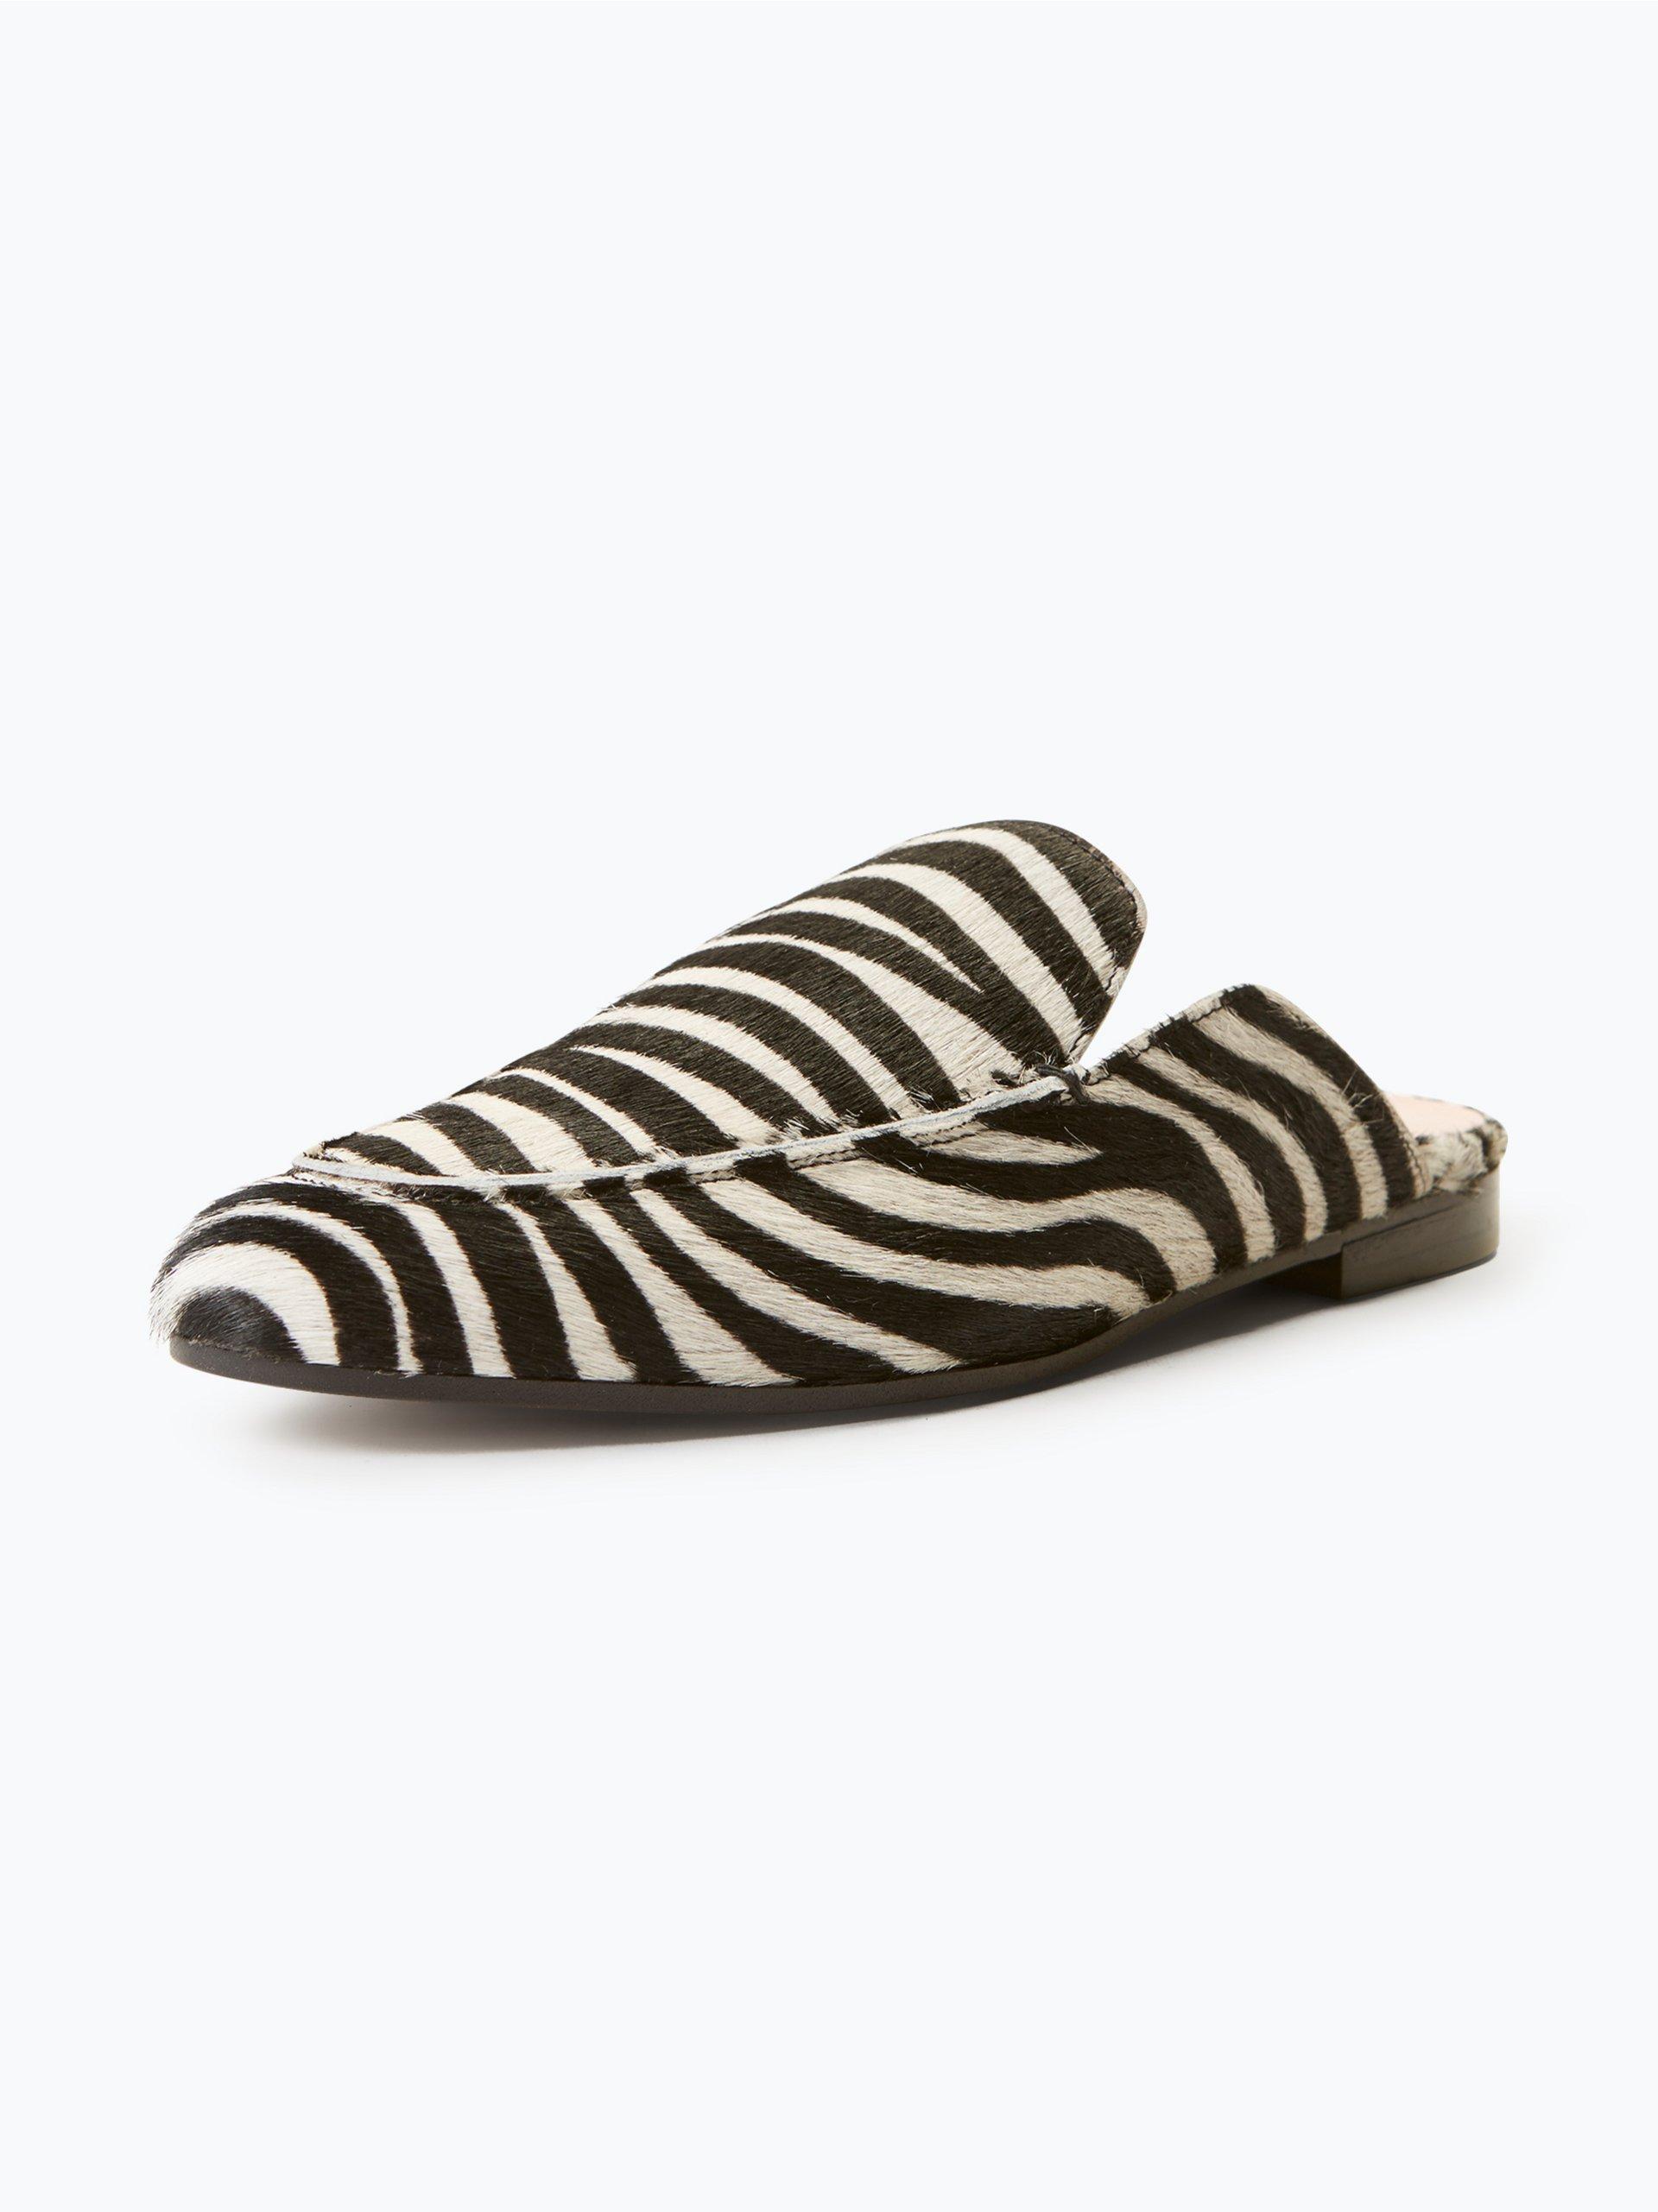 Marc Cain Bags & Shoes Damen Pantoletten aus Leder